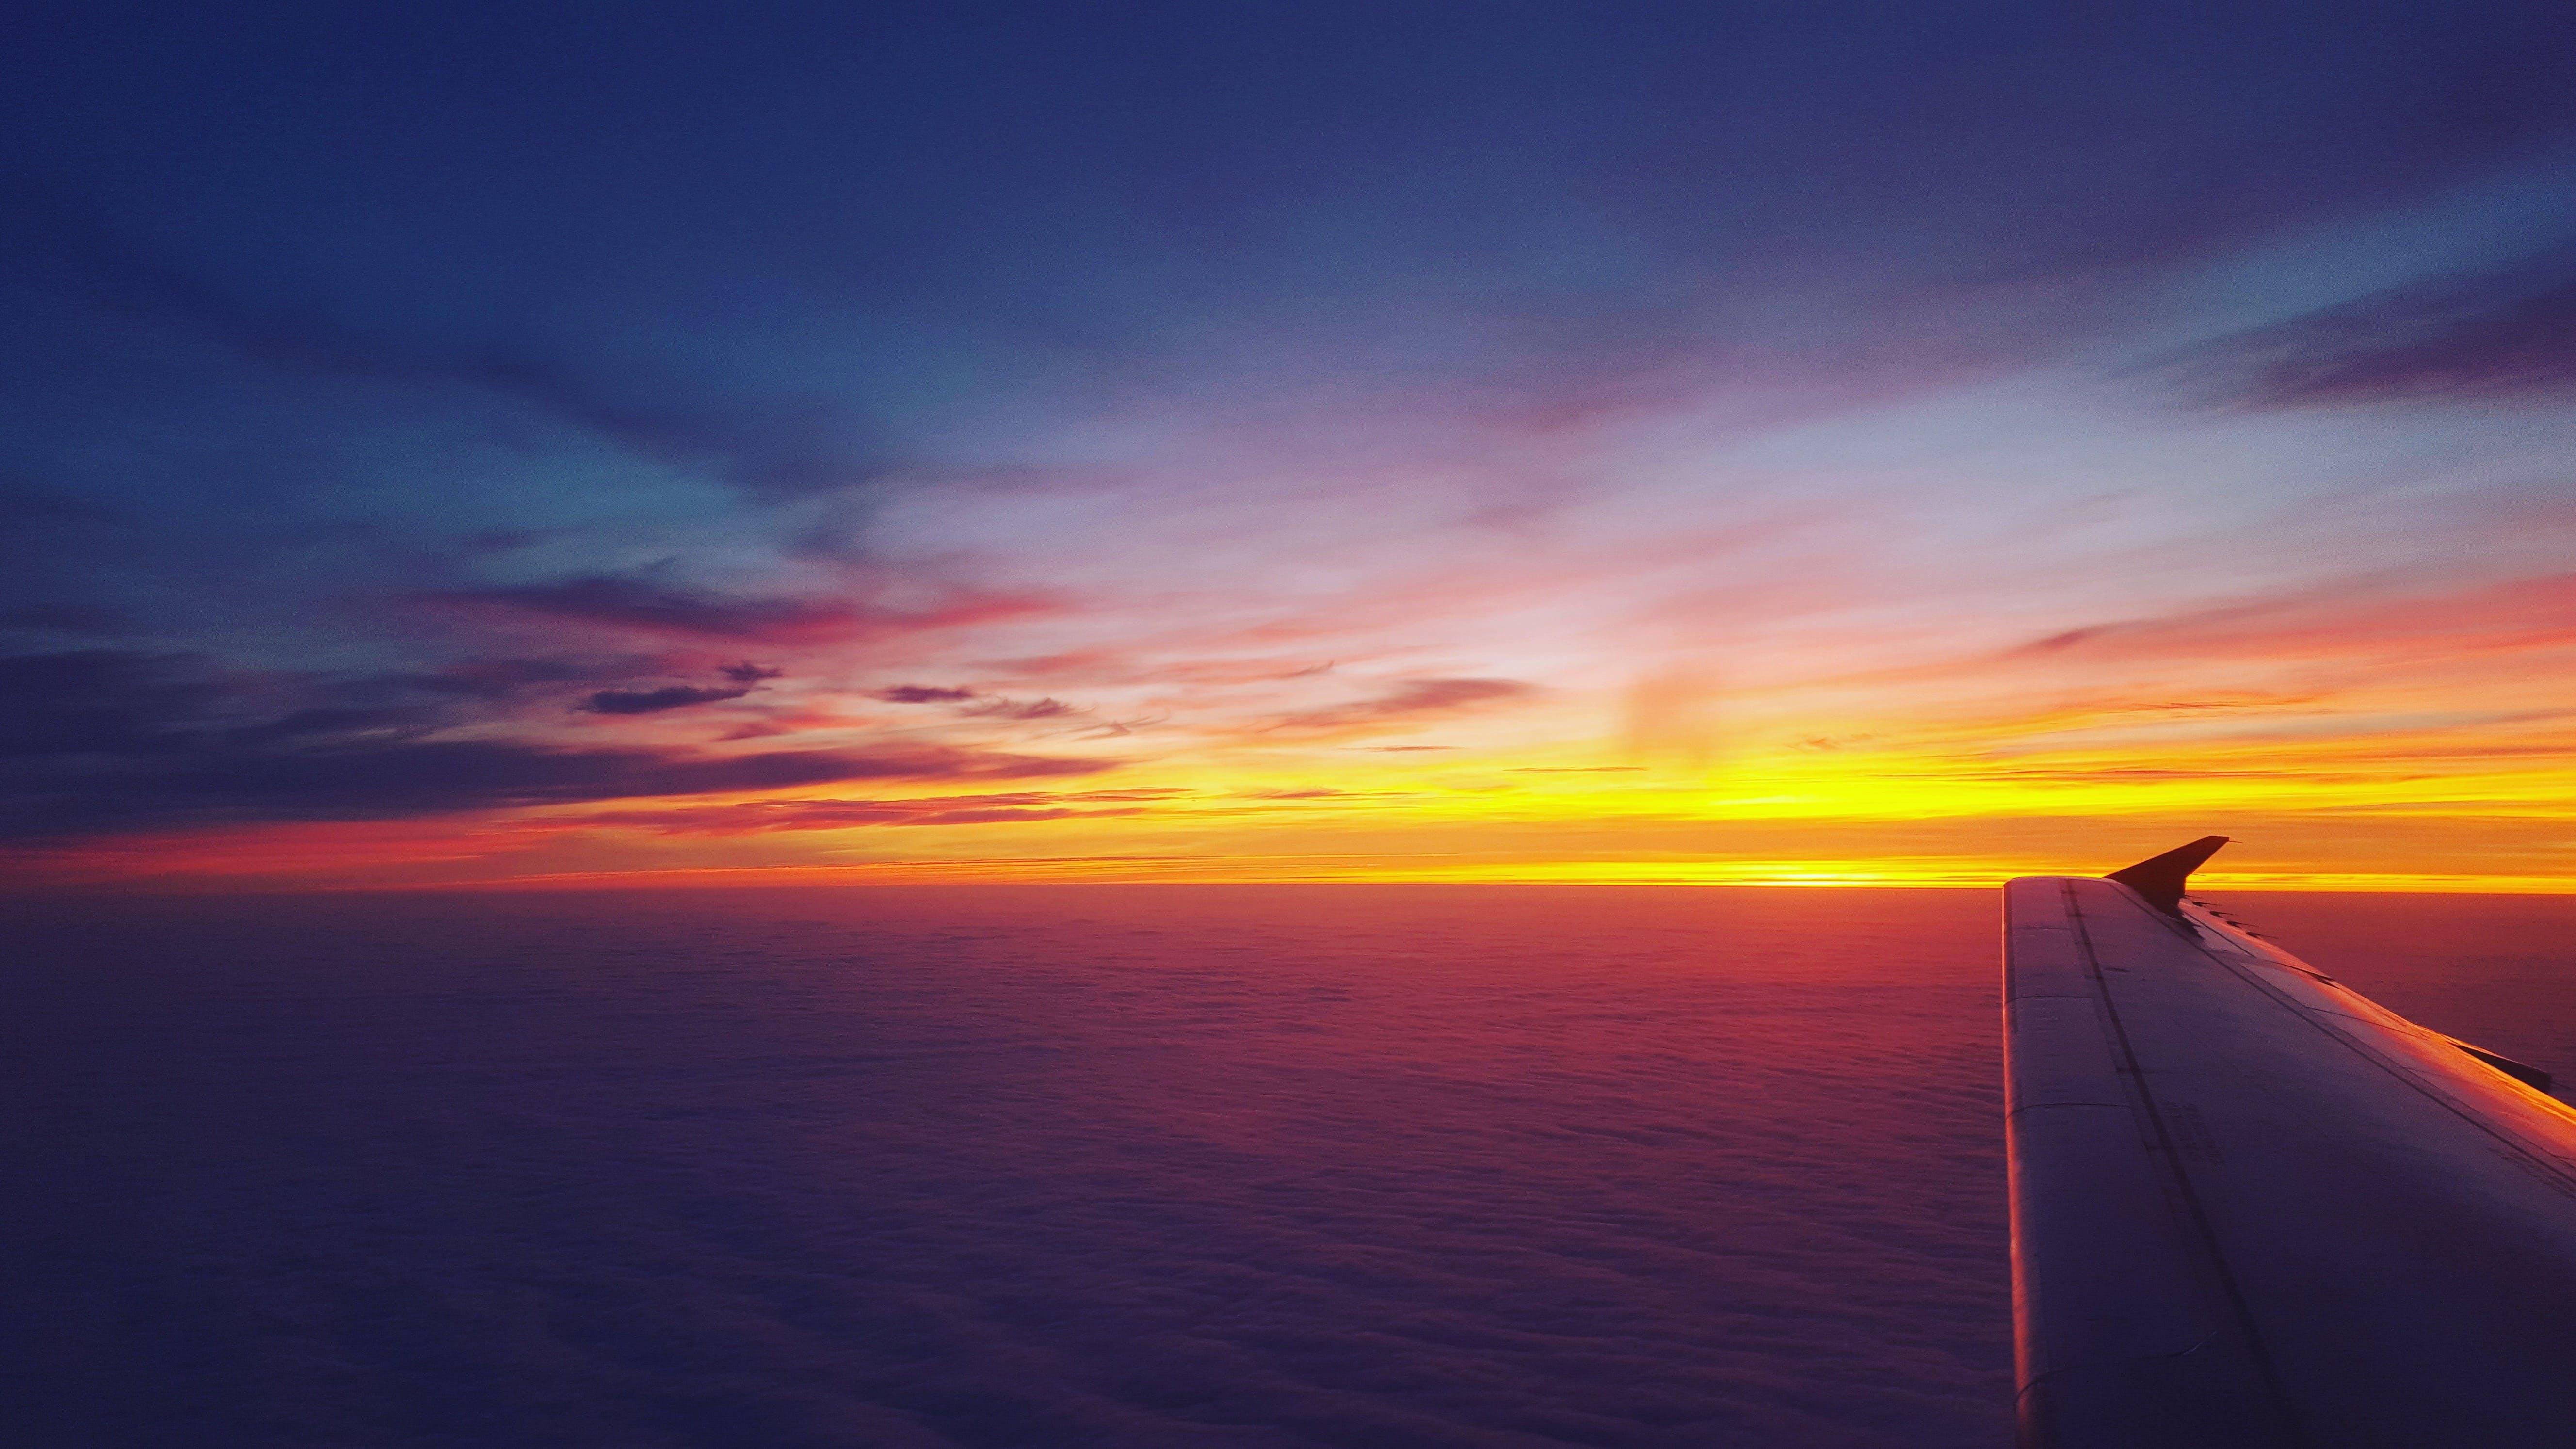 Gratis arkivbilde med daggry, flyging, hav, himmel